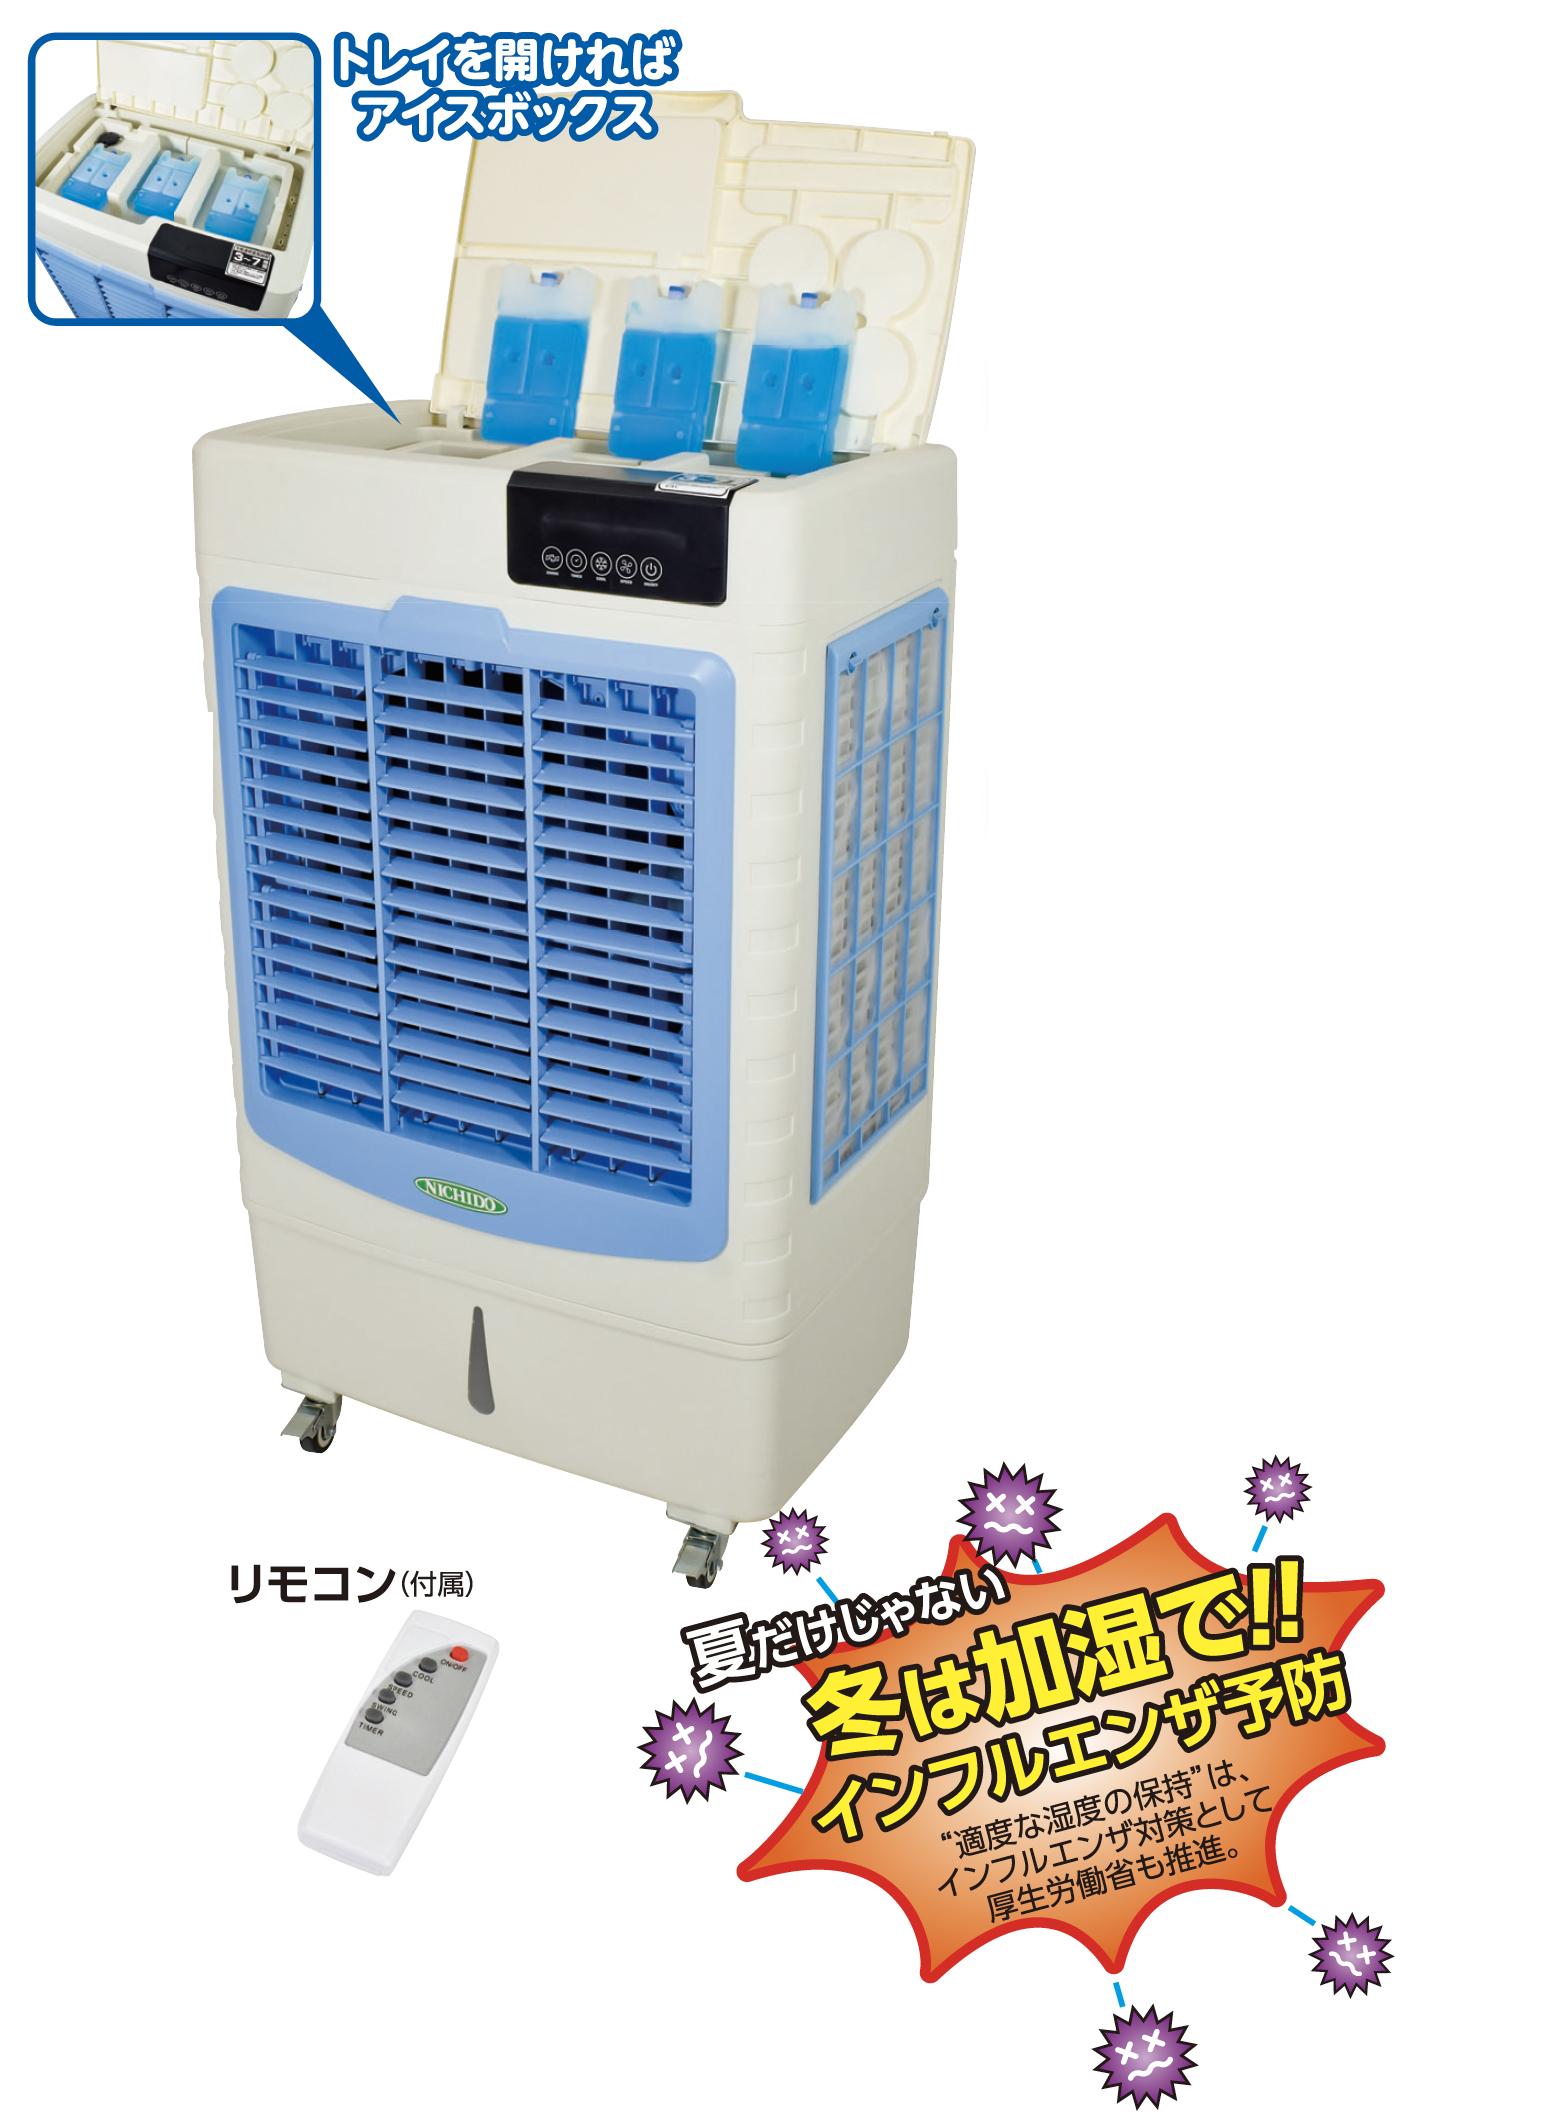 【日動工業】吹出口で周囲より-4℃の冷却効果 『気化式小型冷風機 クールファン』の画像